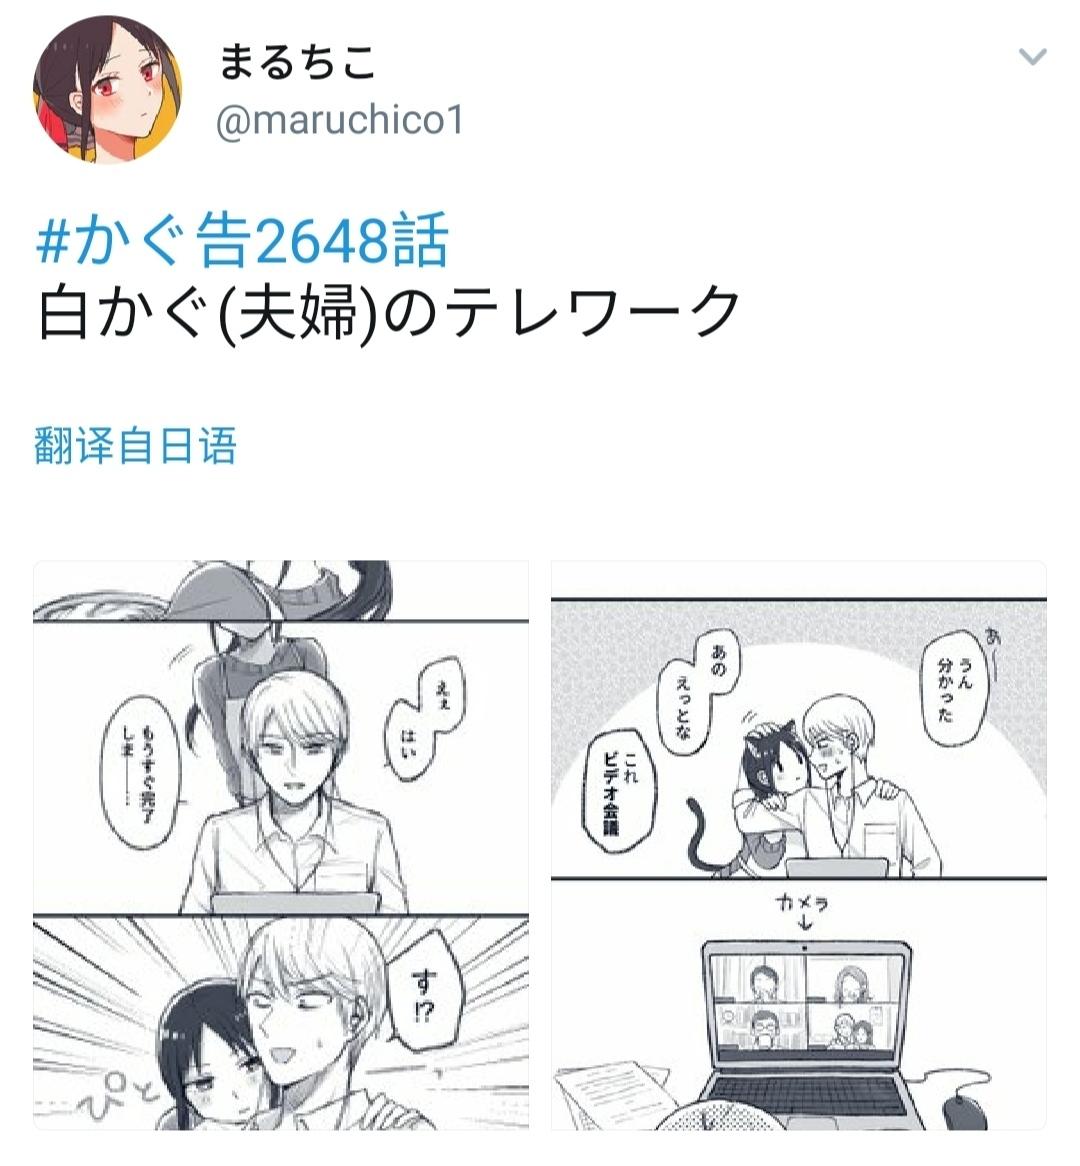 辉夜大小姐想让我告白漫画 辉夜大小姐想向我撒娇… 日本漫画 动漫图片 第3张